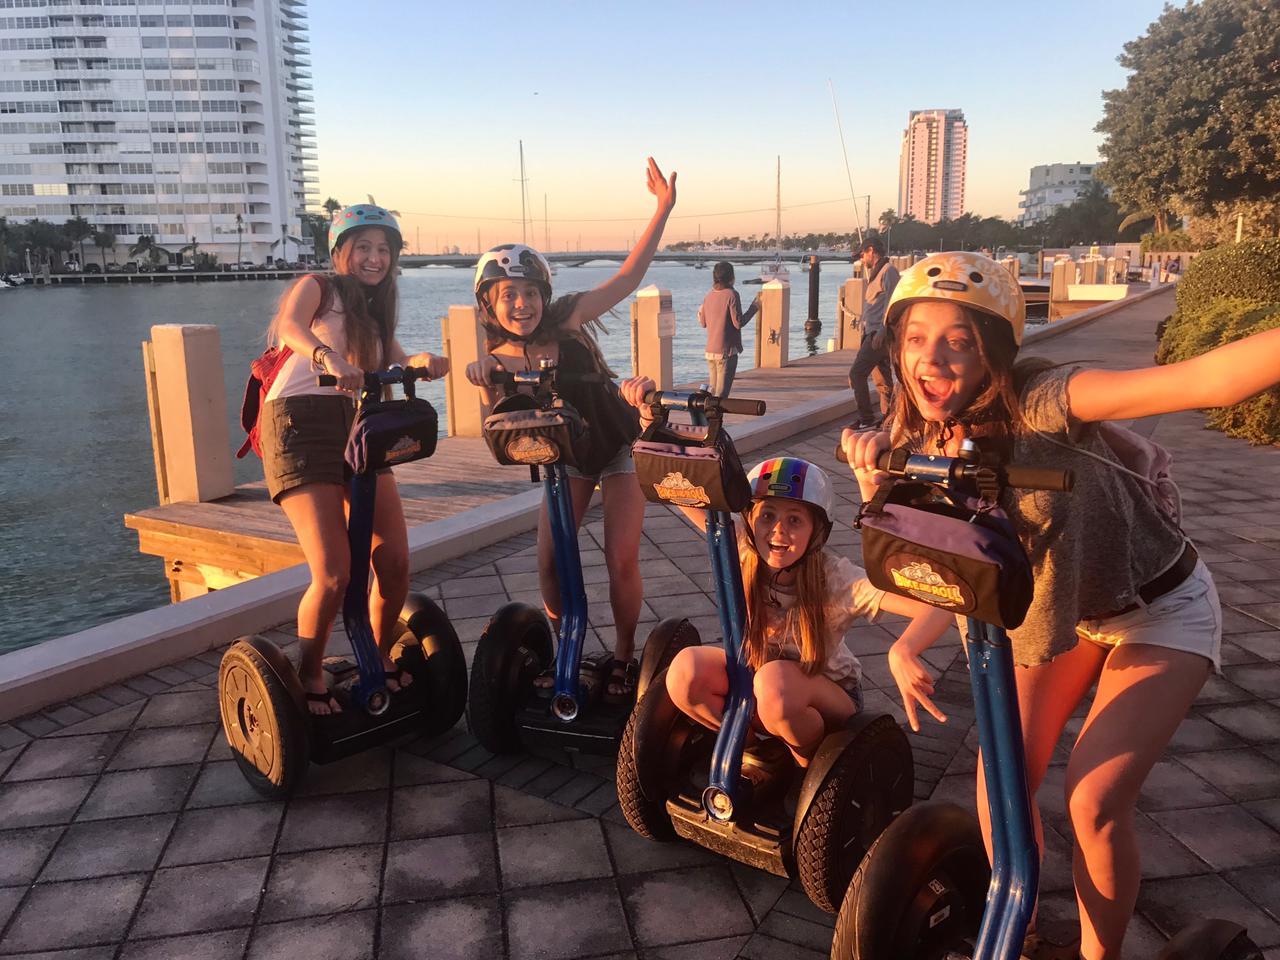 Cuatro mujeres paseando en Segway en Miami